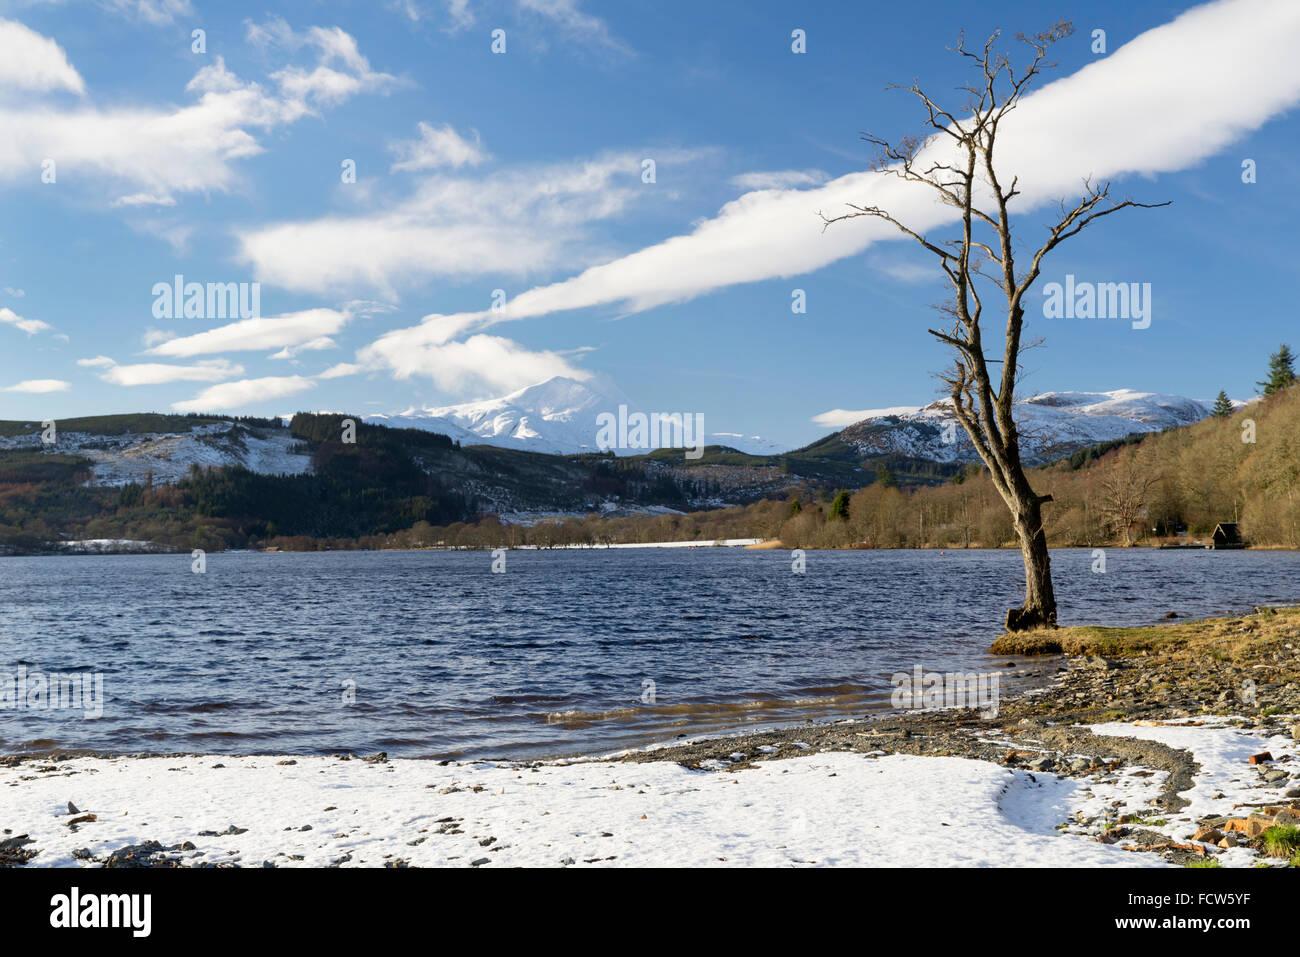 Ben Lomond and Loch Ard, Aberfoyle, The trossachs, Scotland, in mid-winter. - Stock Image